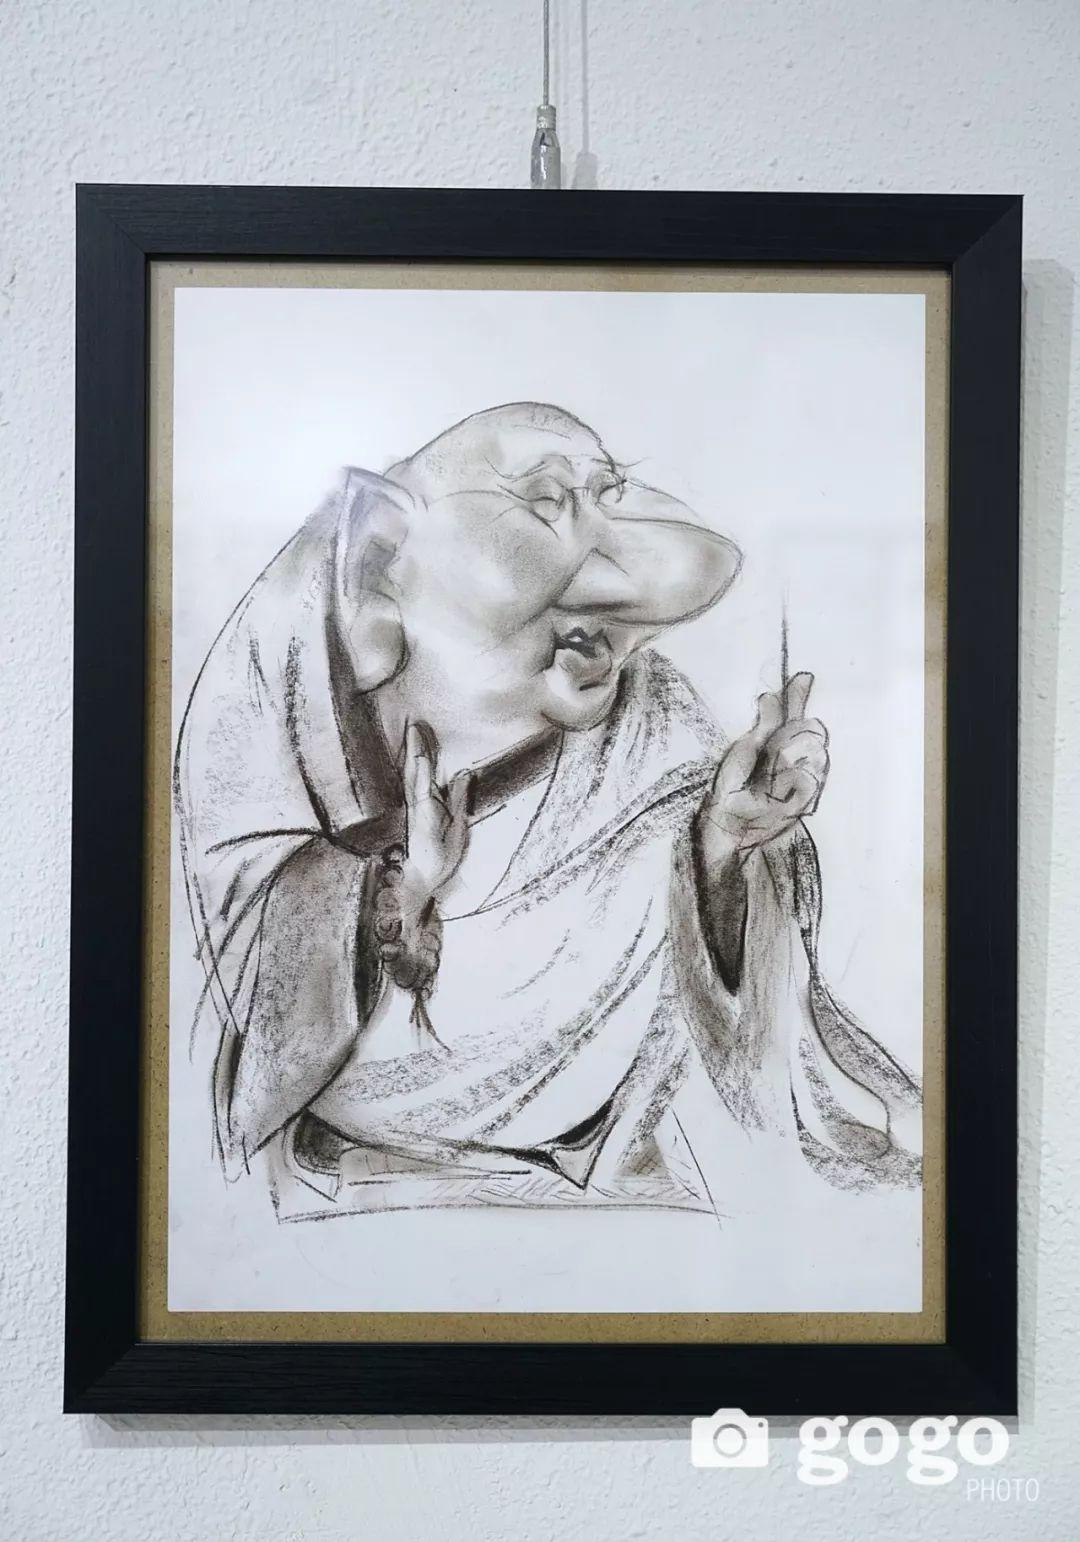 画家N·敖日格勒的这组蒙古名人画像很奇特(图片) 第16张